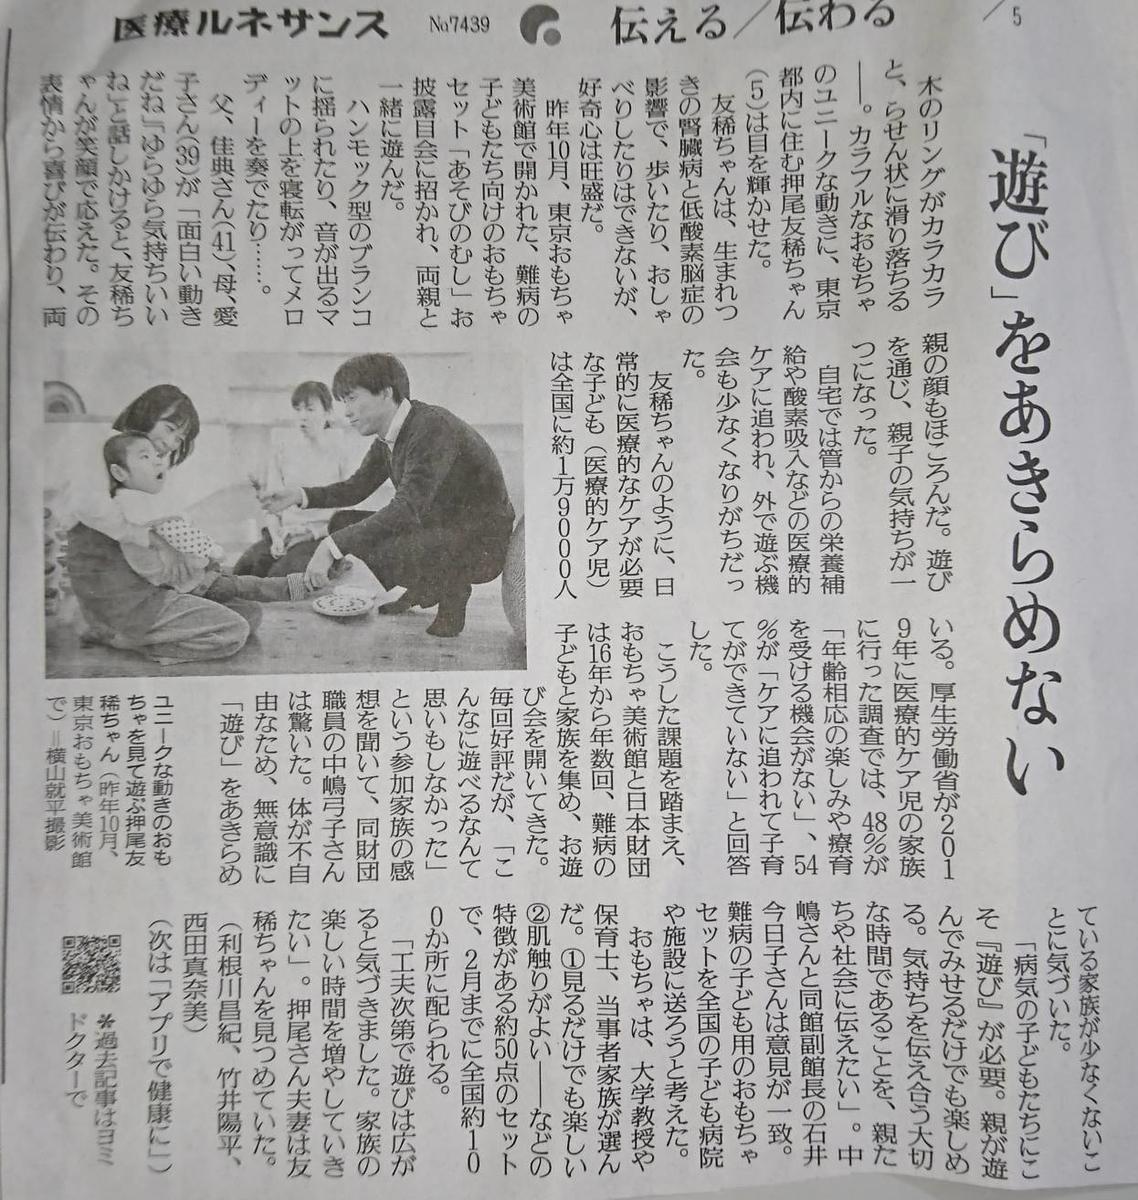 f:id:kazura-kobayashi:20210214180240j:plain